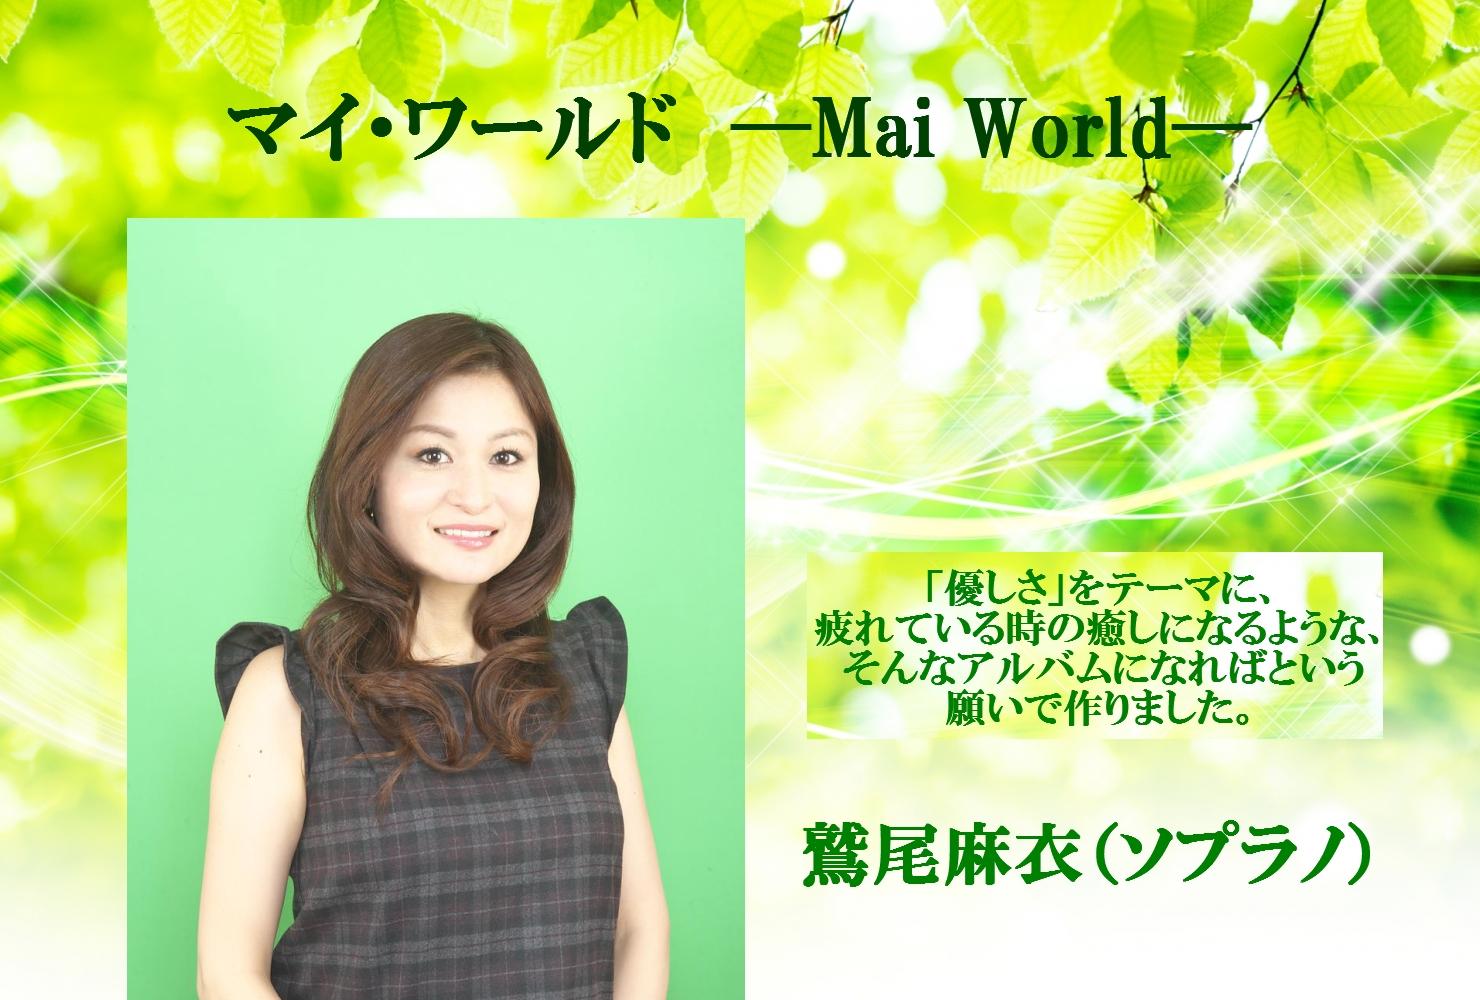 鷲尾麻衣デビューアルバム「マイ・ワールド ―Mai World―」―――「優しさ」をテーマに、疲れている時の癒しになるような、そんなアルバムになればという願いで作りました